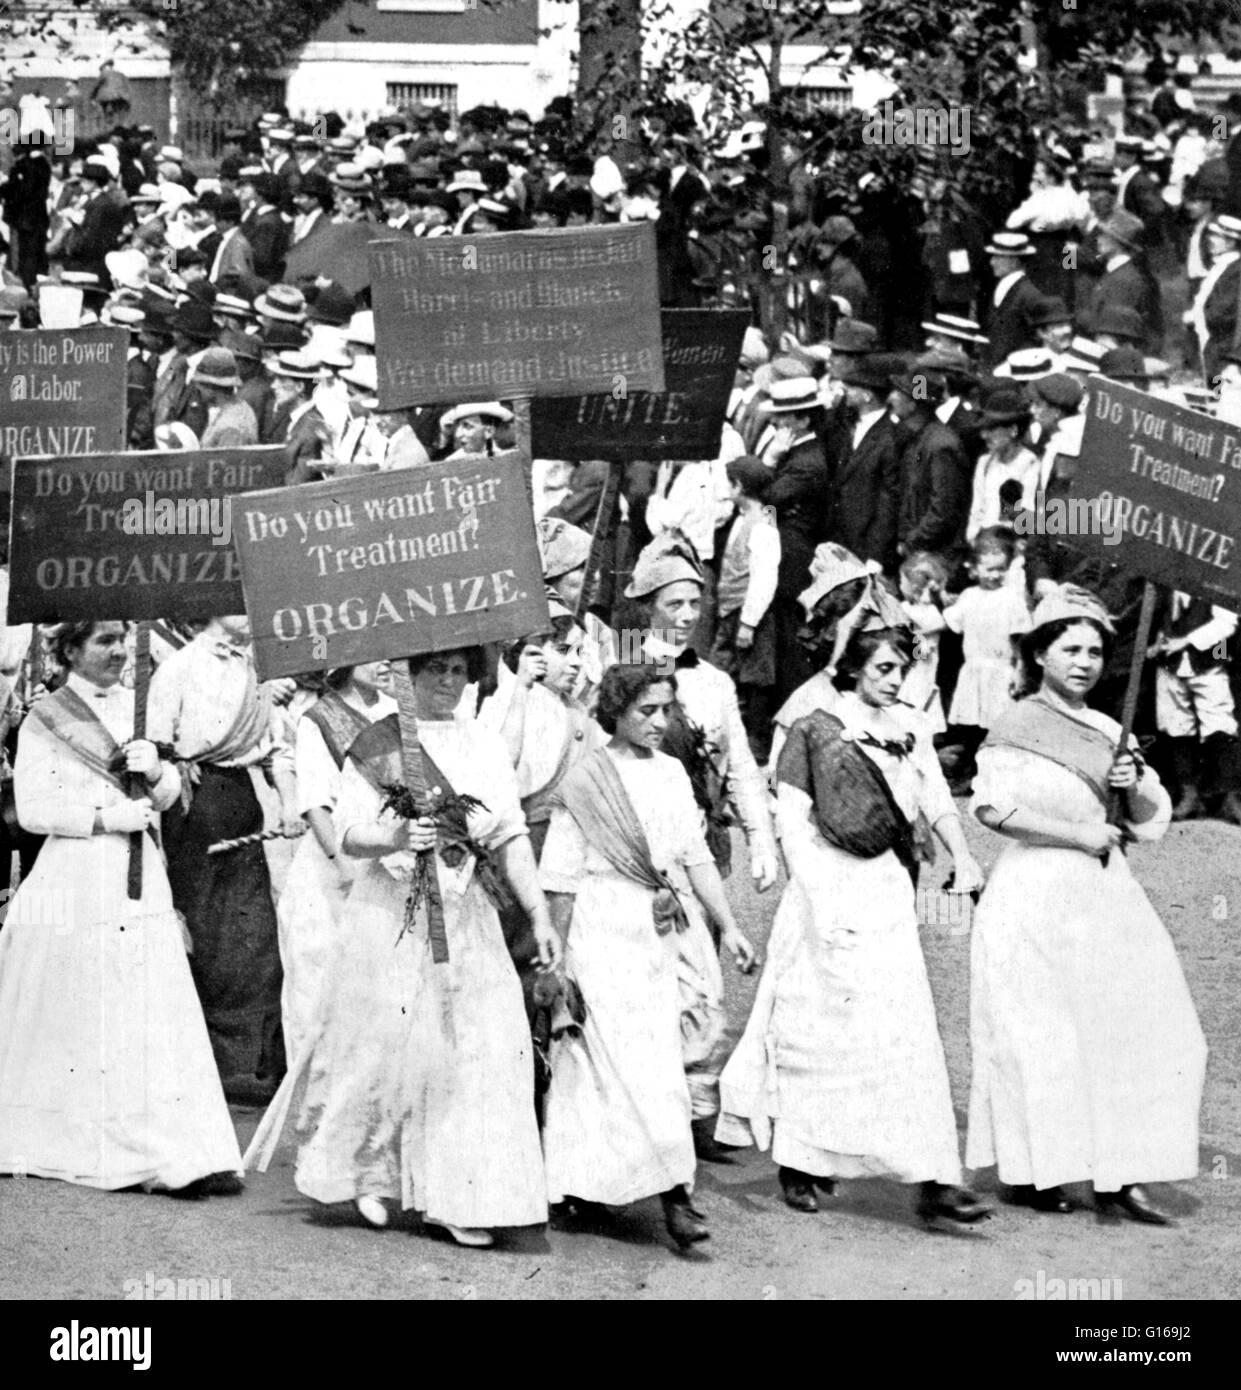 El sufragio femenino es el derecho de las mujeres a votar y a postularse. A finales del siglo XIX, Idaho, Utah, Colorado y Wyoming había beneficiado a las mujeres después del esfuerzo por el sufragio de las asociaciones a nivel estatal. Durante los comienzos del XX. Foto de stock